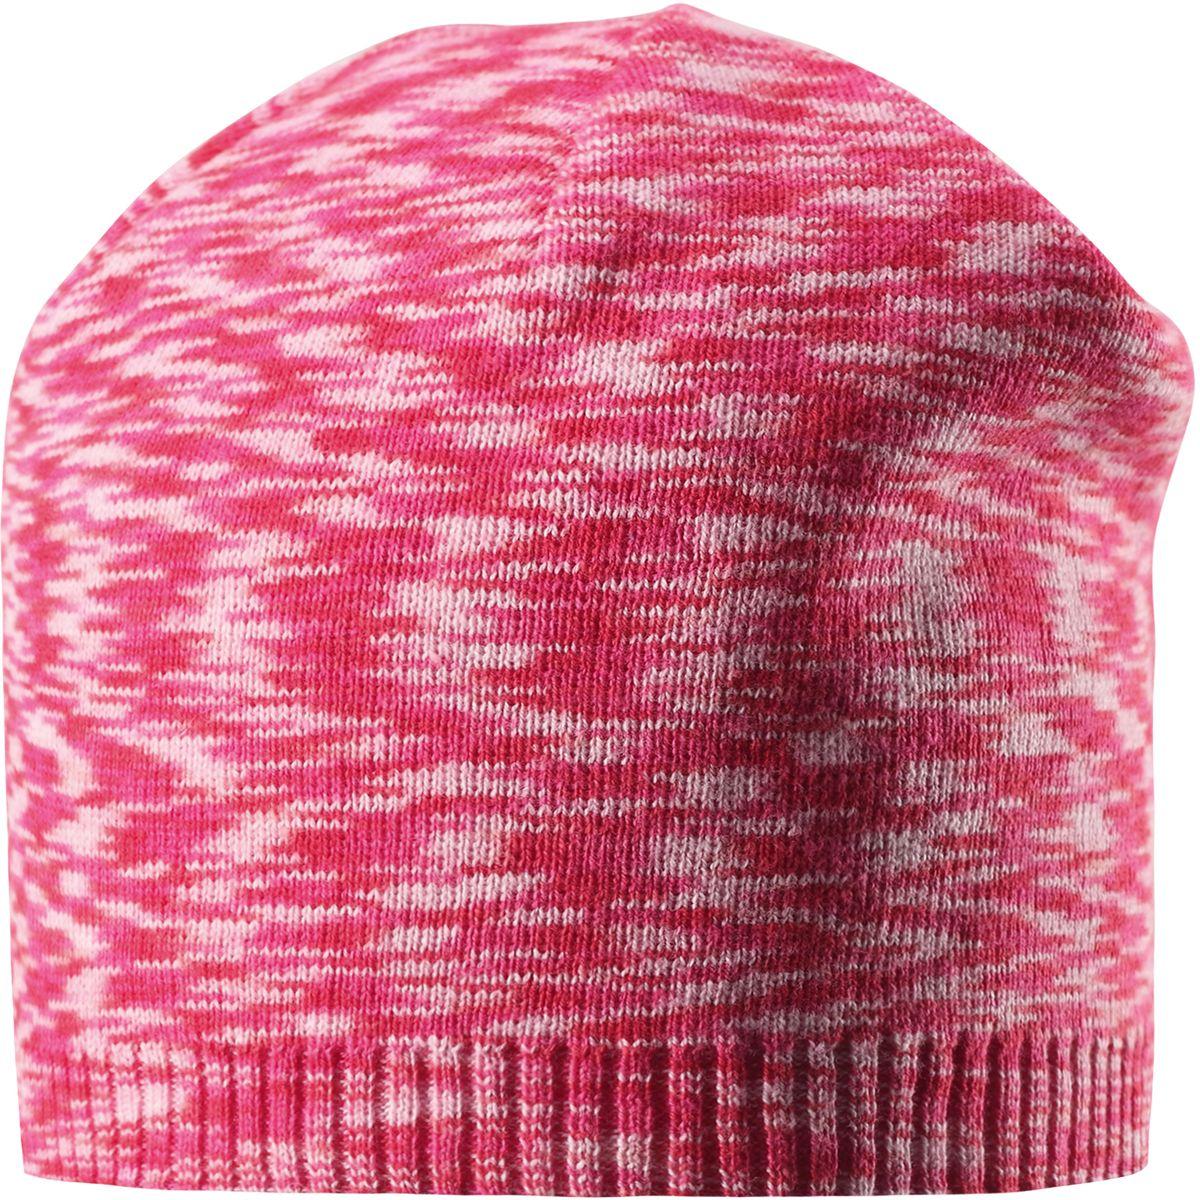 Шапка детская Reima Liplatus, цвет: розовый. 5285273360. Размер 565285273360Стильная детская шапка прекрасно подойдет для весенней поры. Она изготовлена из эластичного и легкого вязаного хлопка, мягкого и приятного на ощупь. Материал сертифицирован по стандарту Oeko-Tex. Удлиненная, облегченная модель без подкладки.